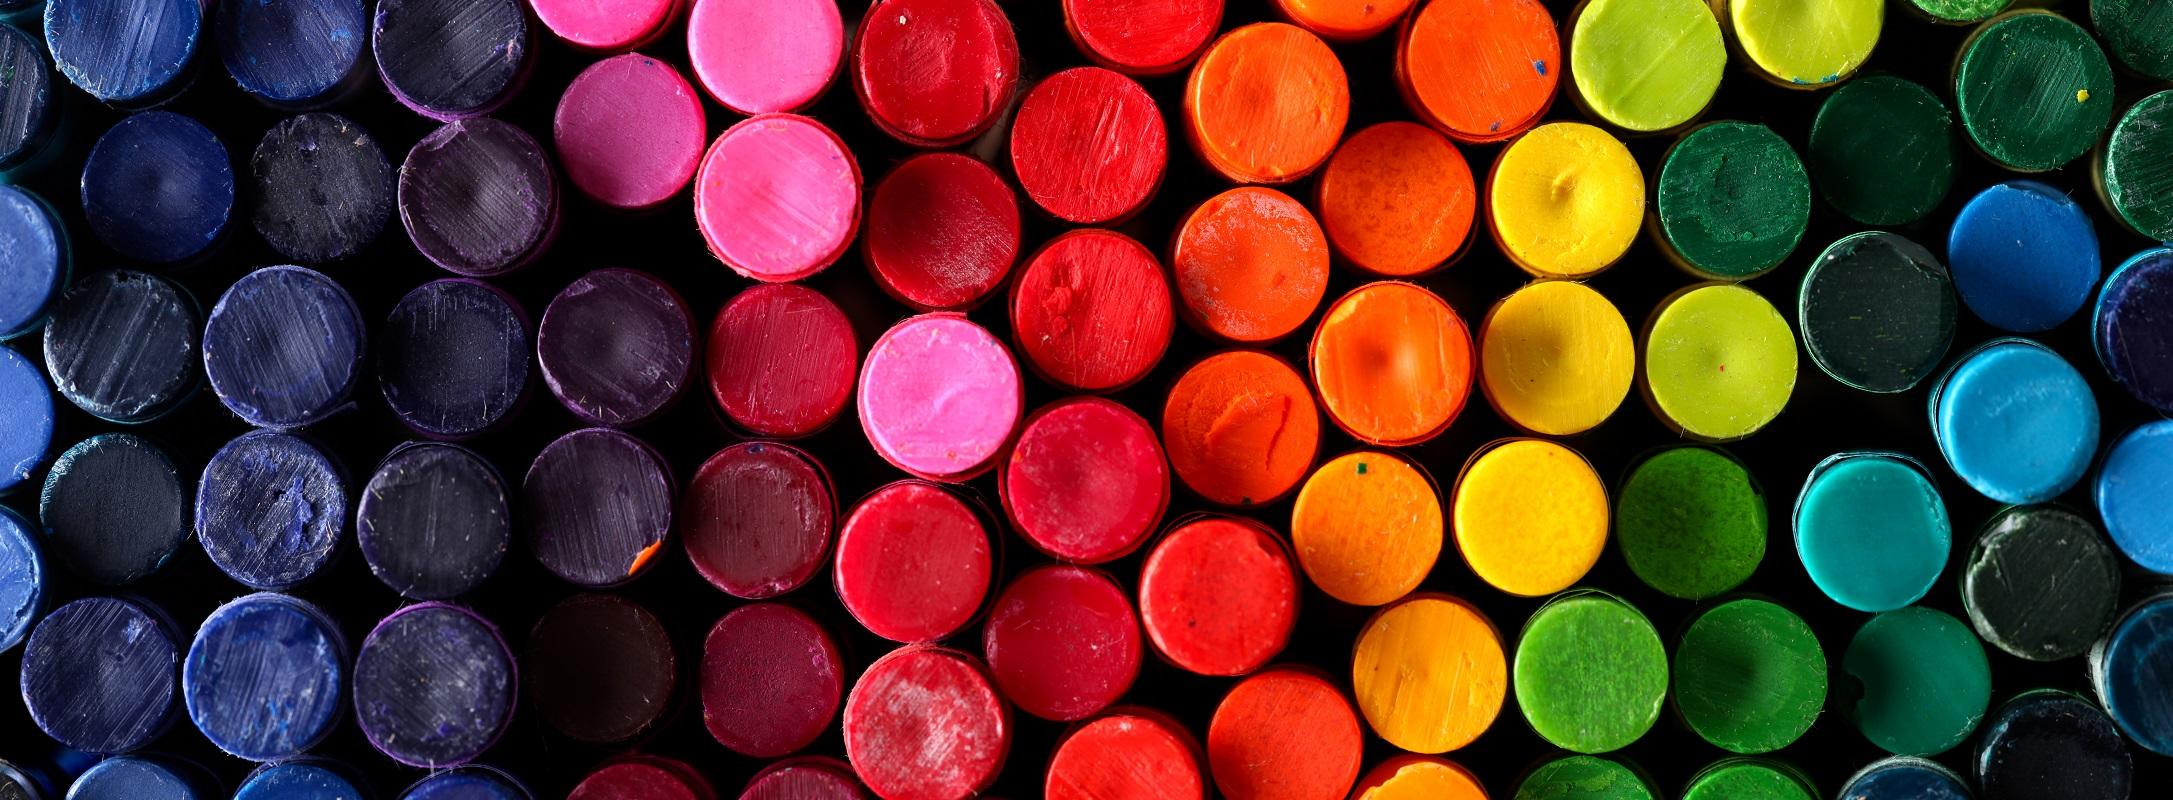 Mieszanie kolorów